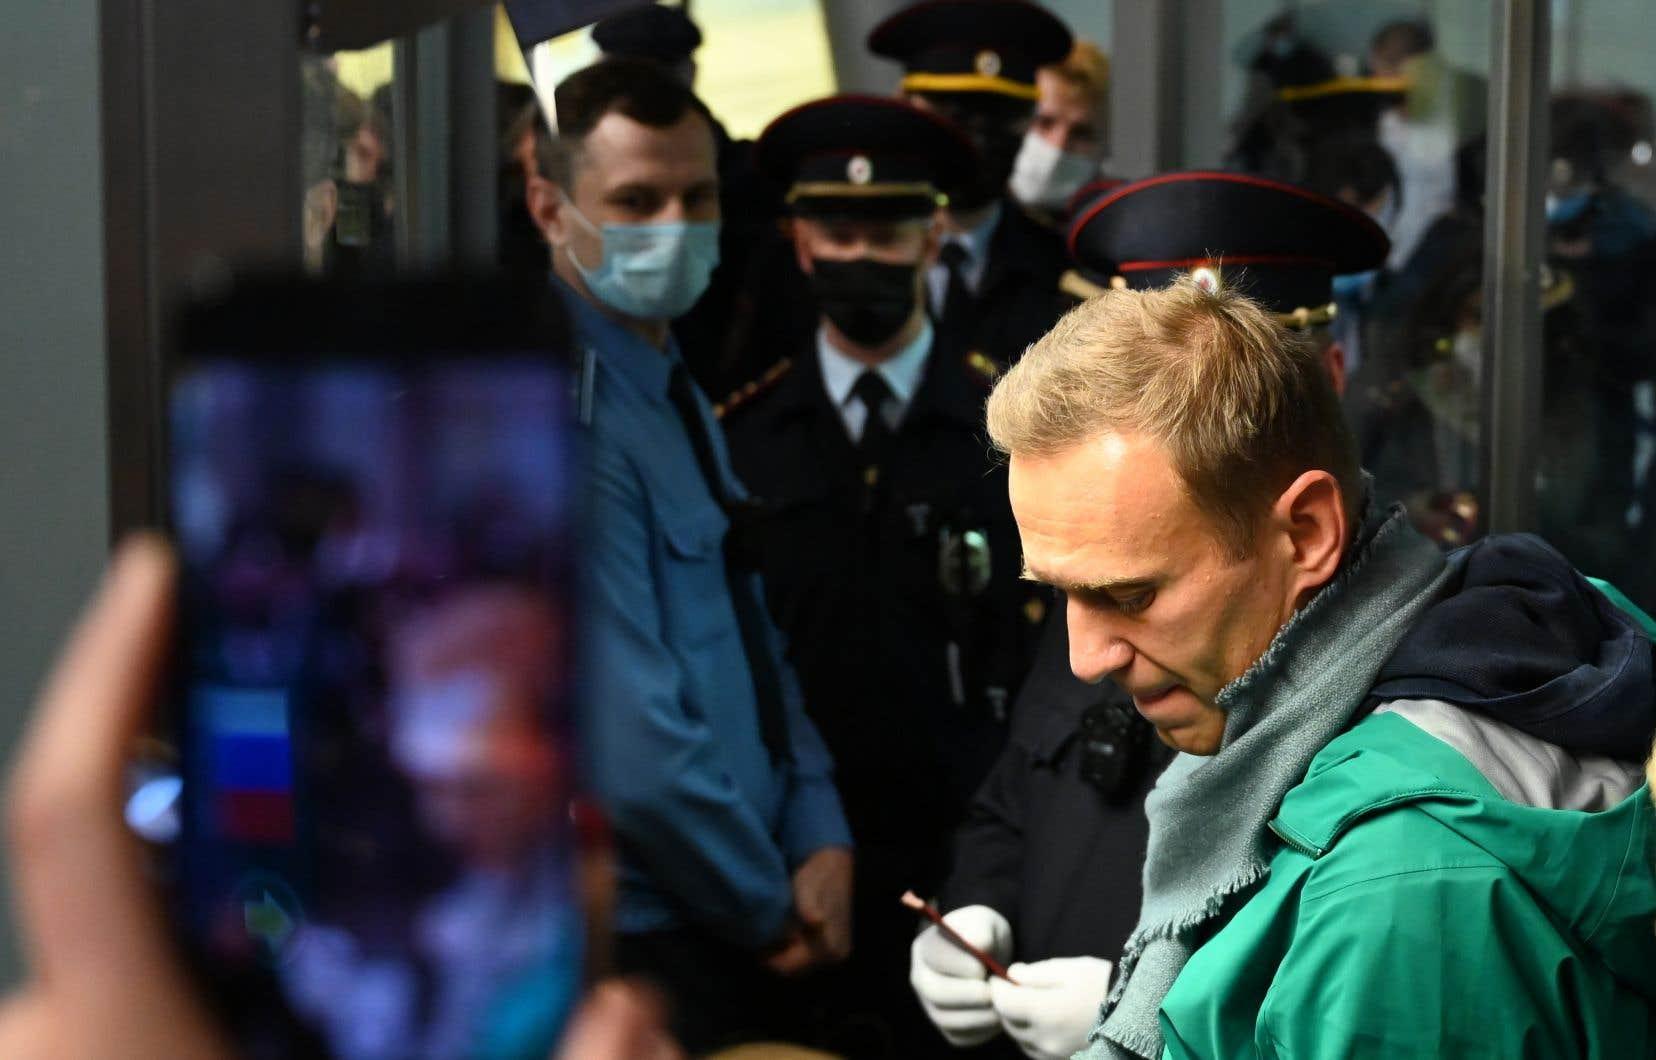 Les services pénitentiaires russes ont précisé qu'Alexeï Navalny «restera en détention jusqu'à la décision du tribunal»sur son cas.